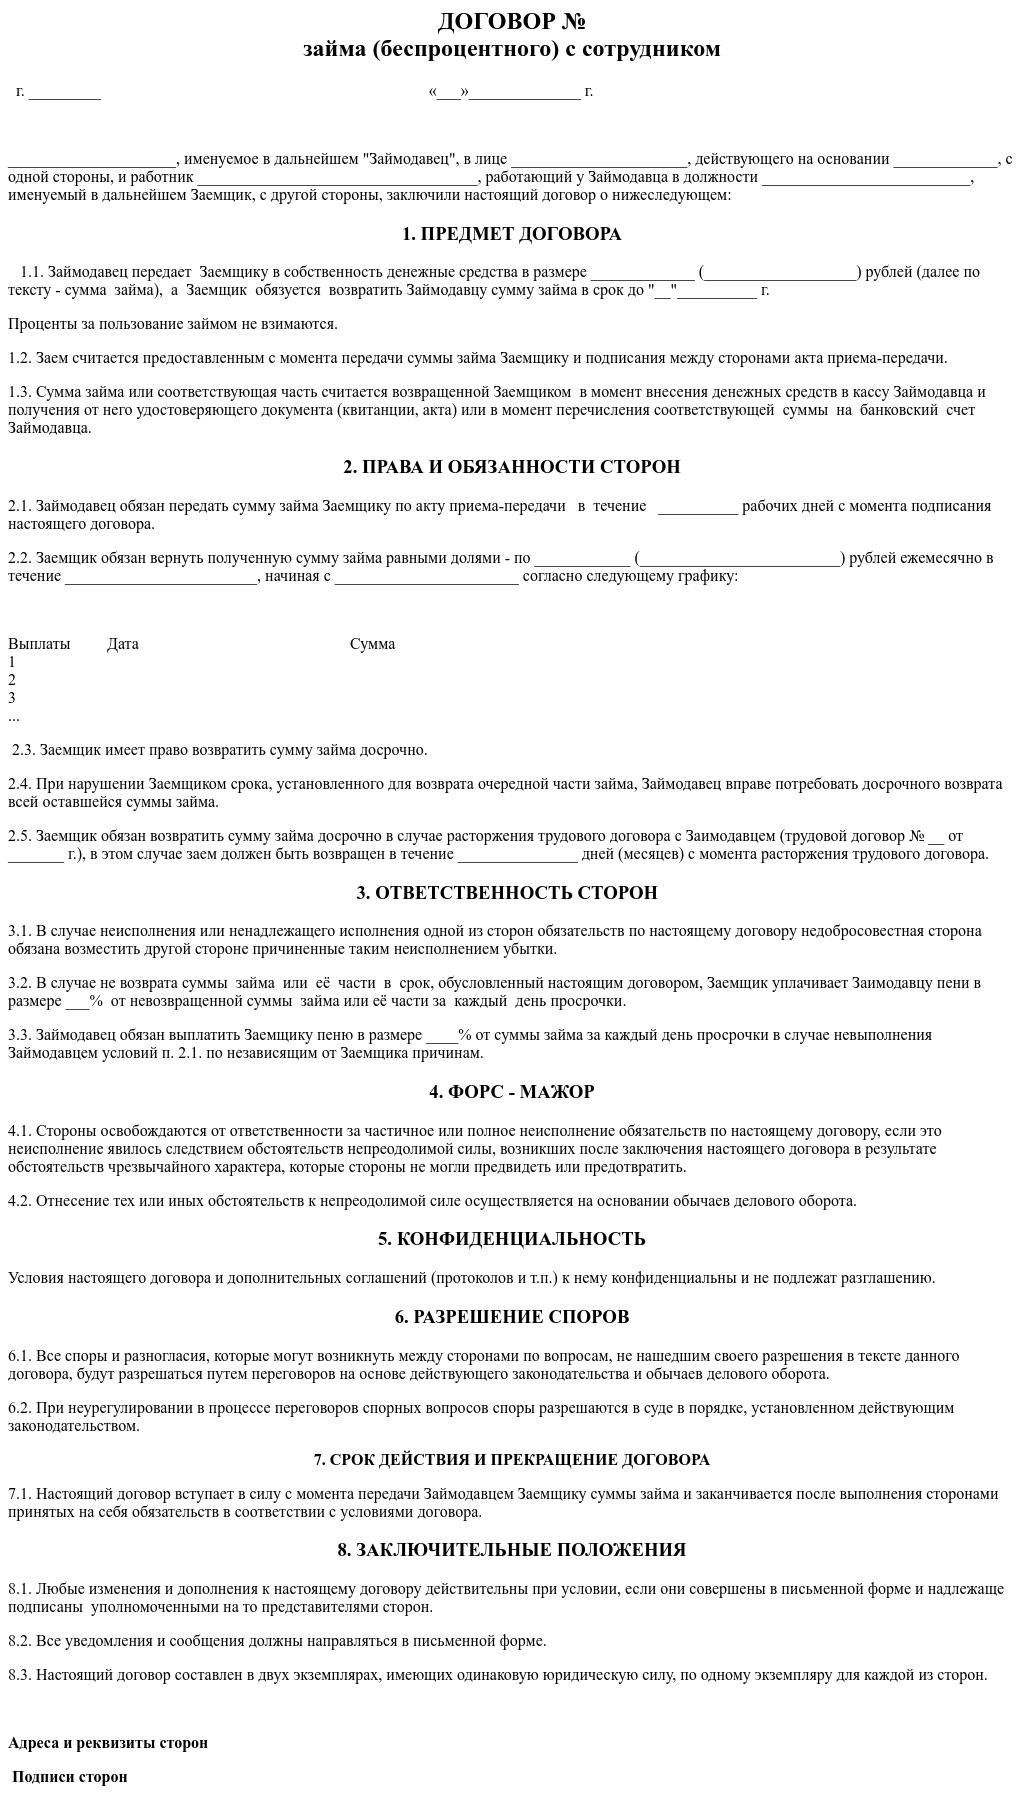 Образец Договор займа (беспроцентного) с сотрудником